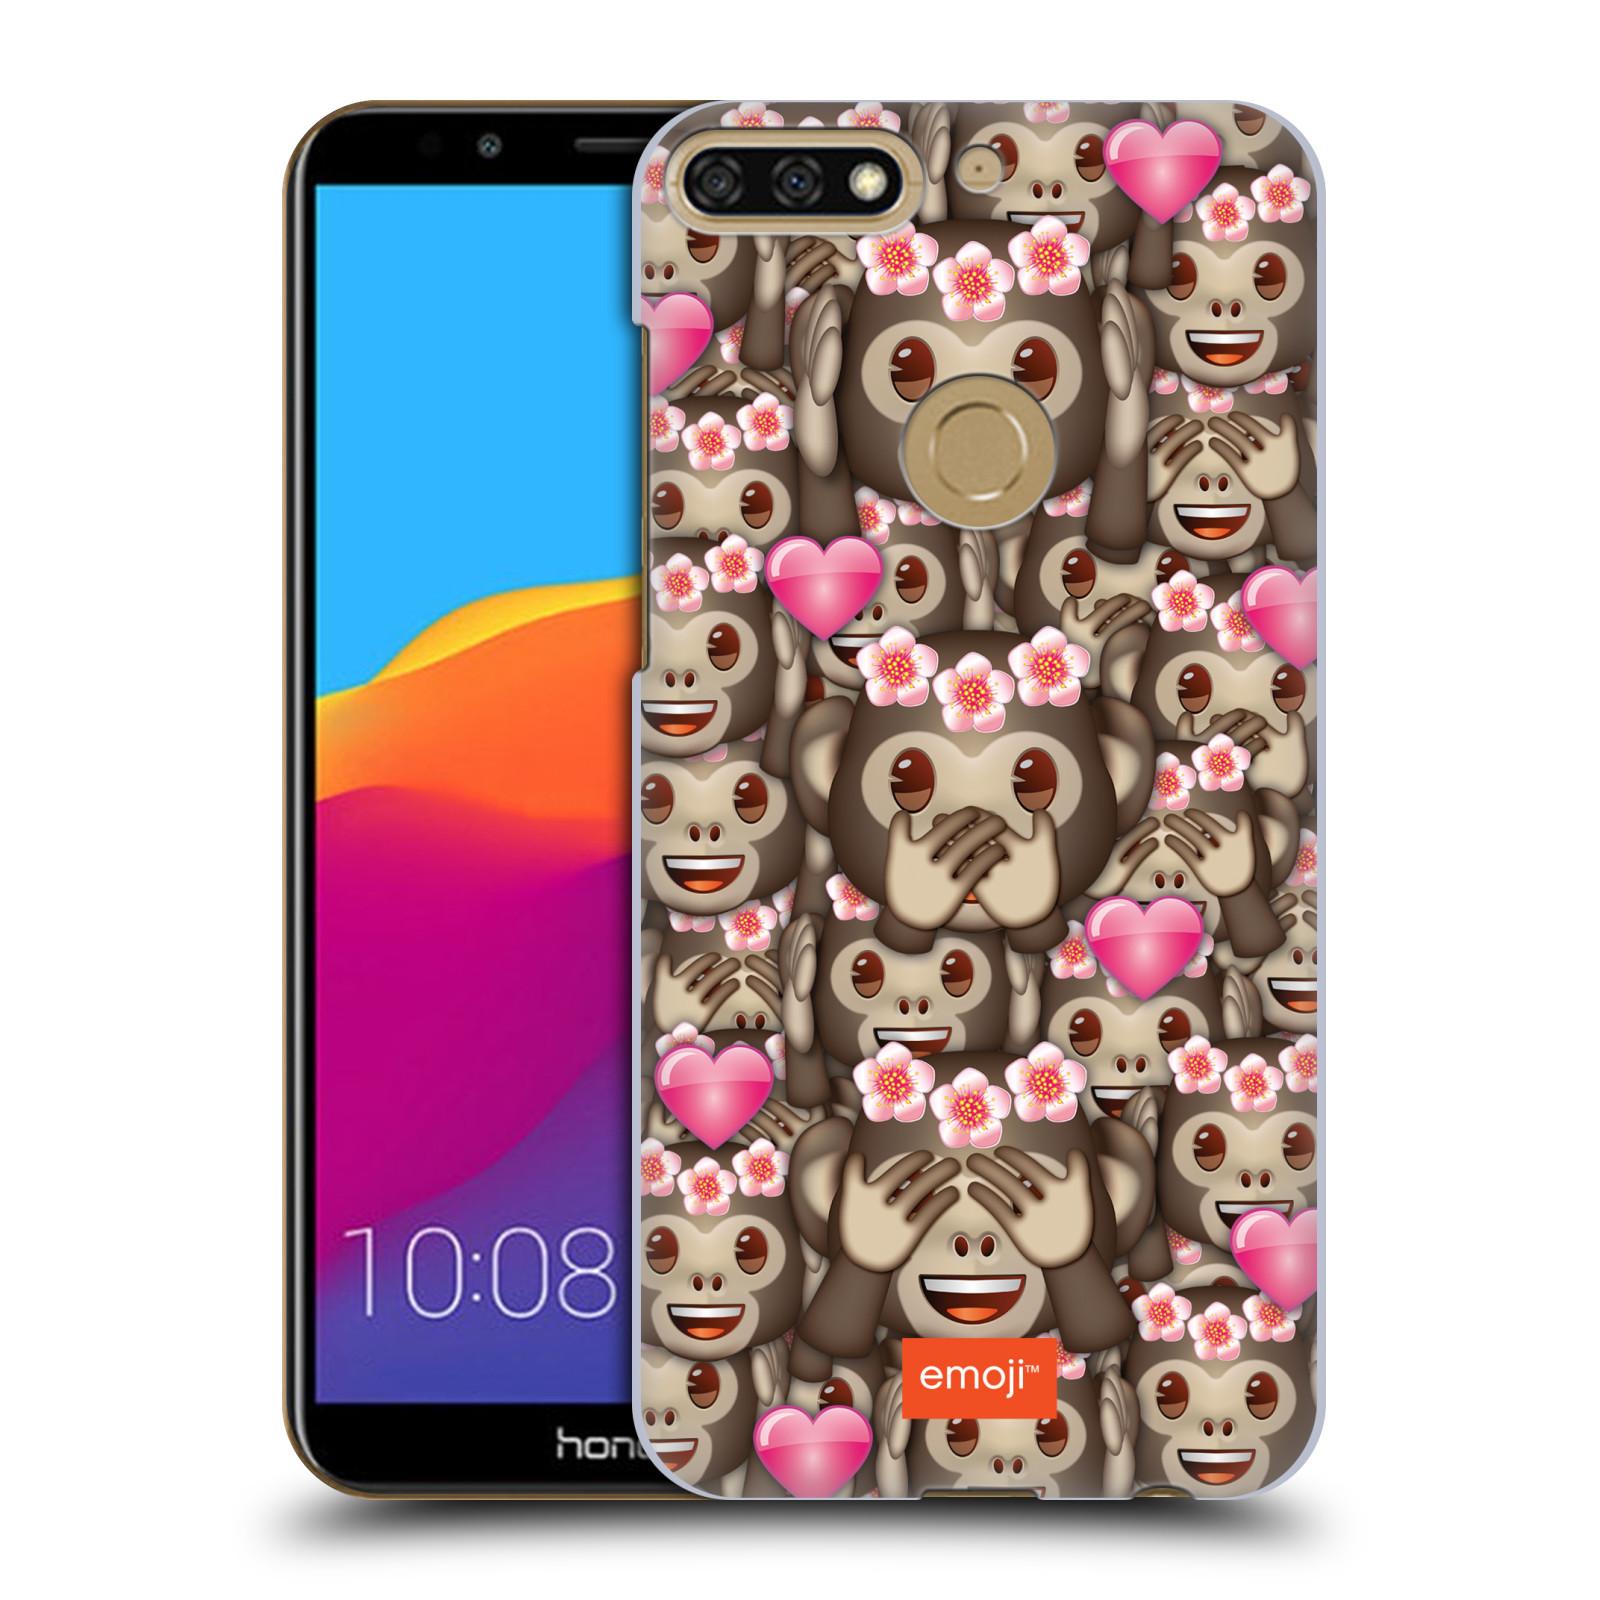 Plastové pouzdro na mobil Huawei Y7 Prime 2018 - Head Case - EMOJI - Opičky, srdíčka a kytičky